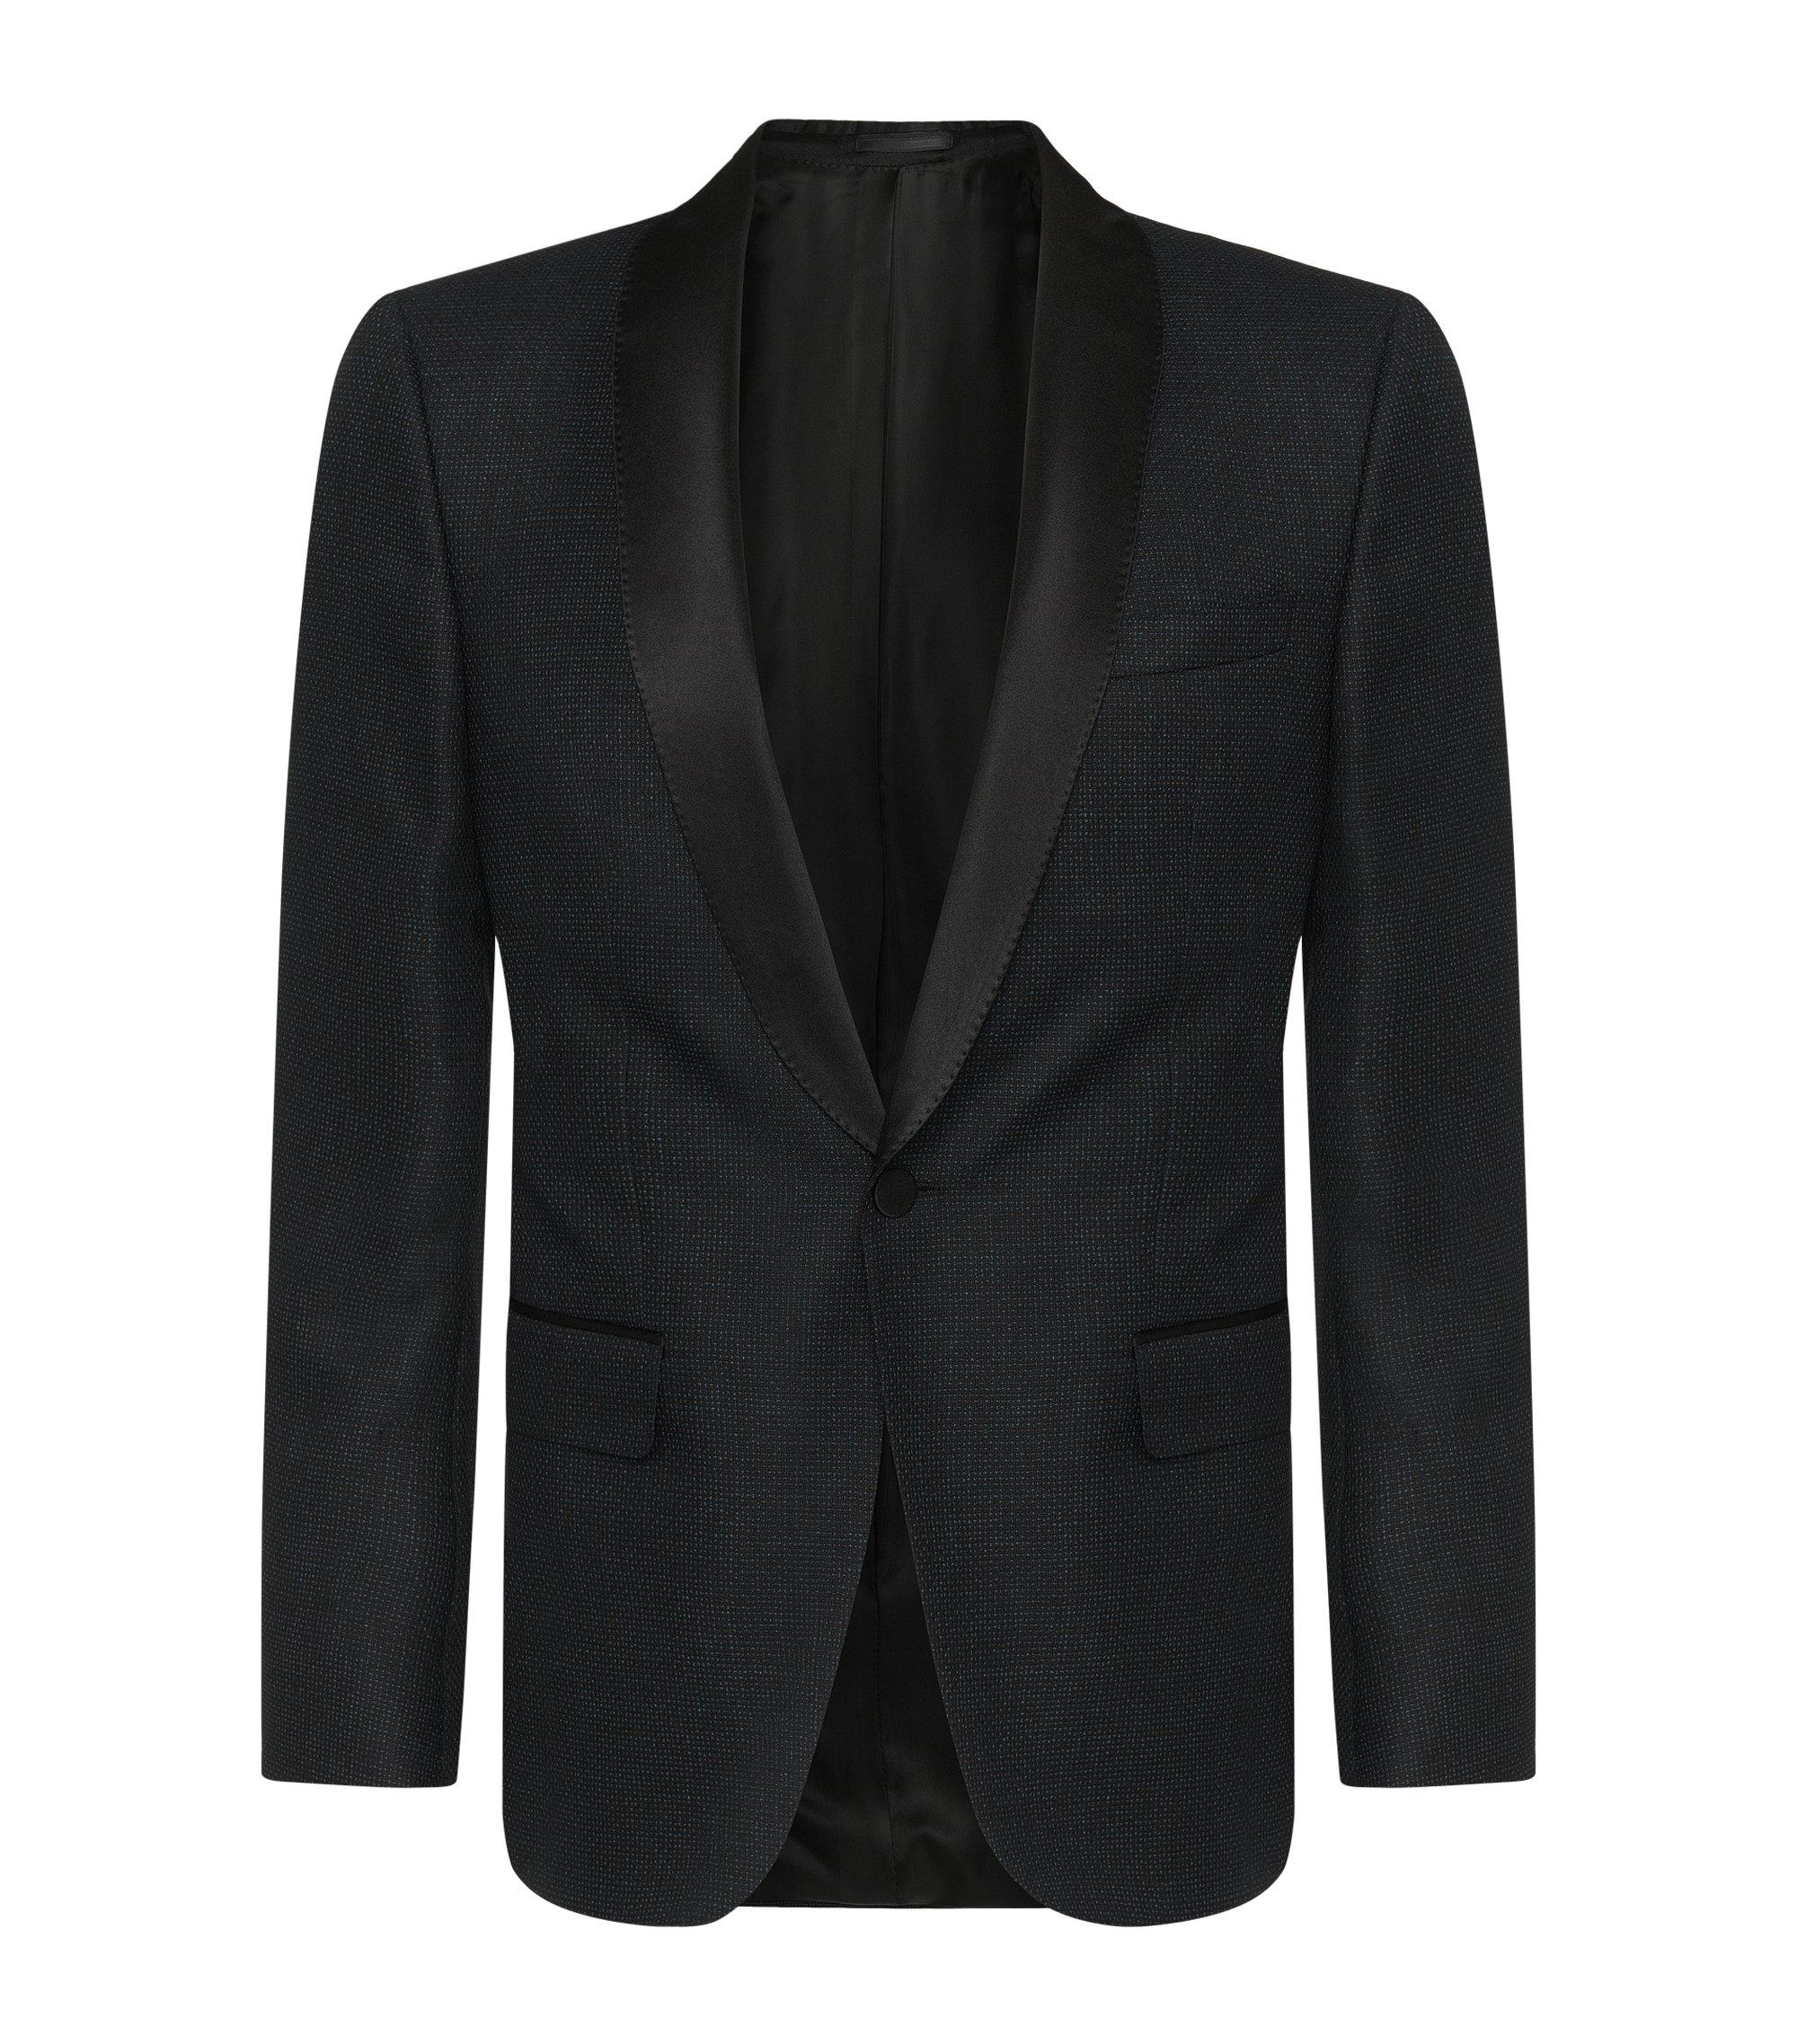 Italian Virgin Wool Blend Metallic Dinner Jacket, Slim Fit | Hockley, Black